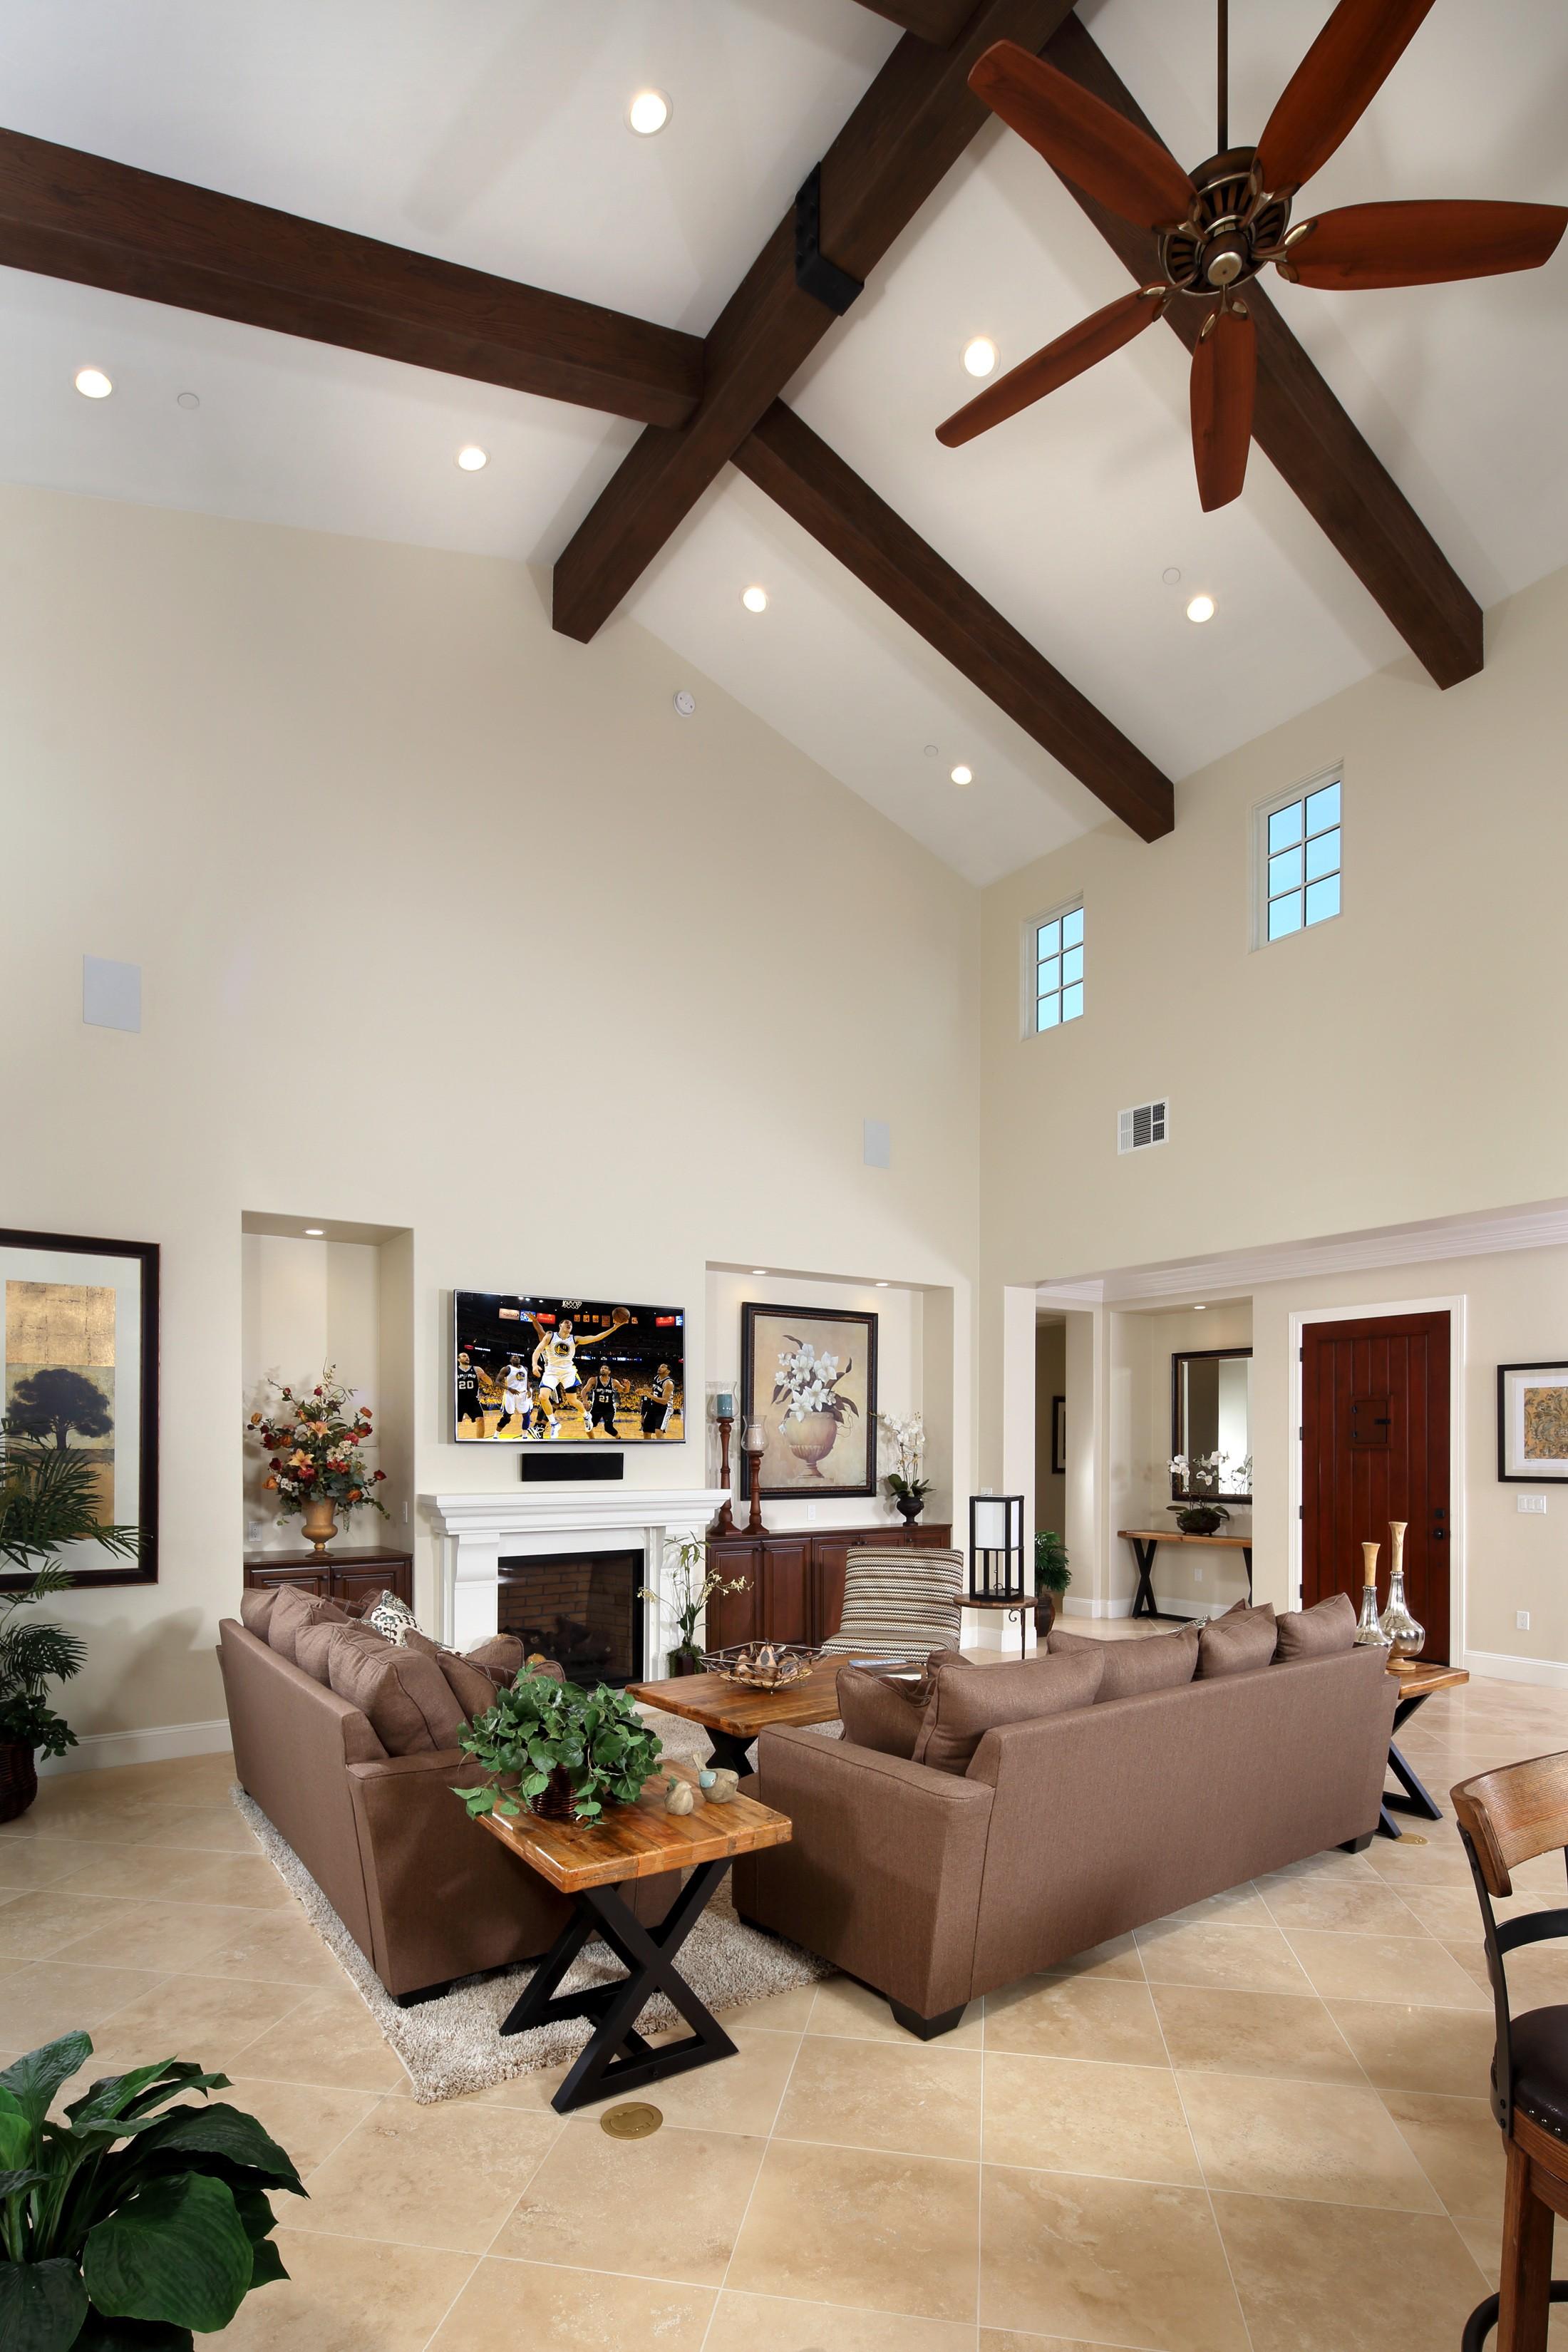 Vinyl flooring   Elite Builder Services